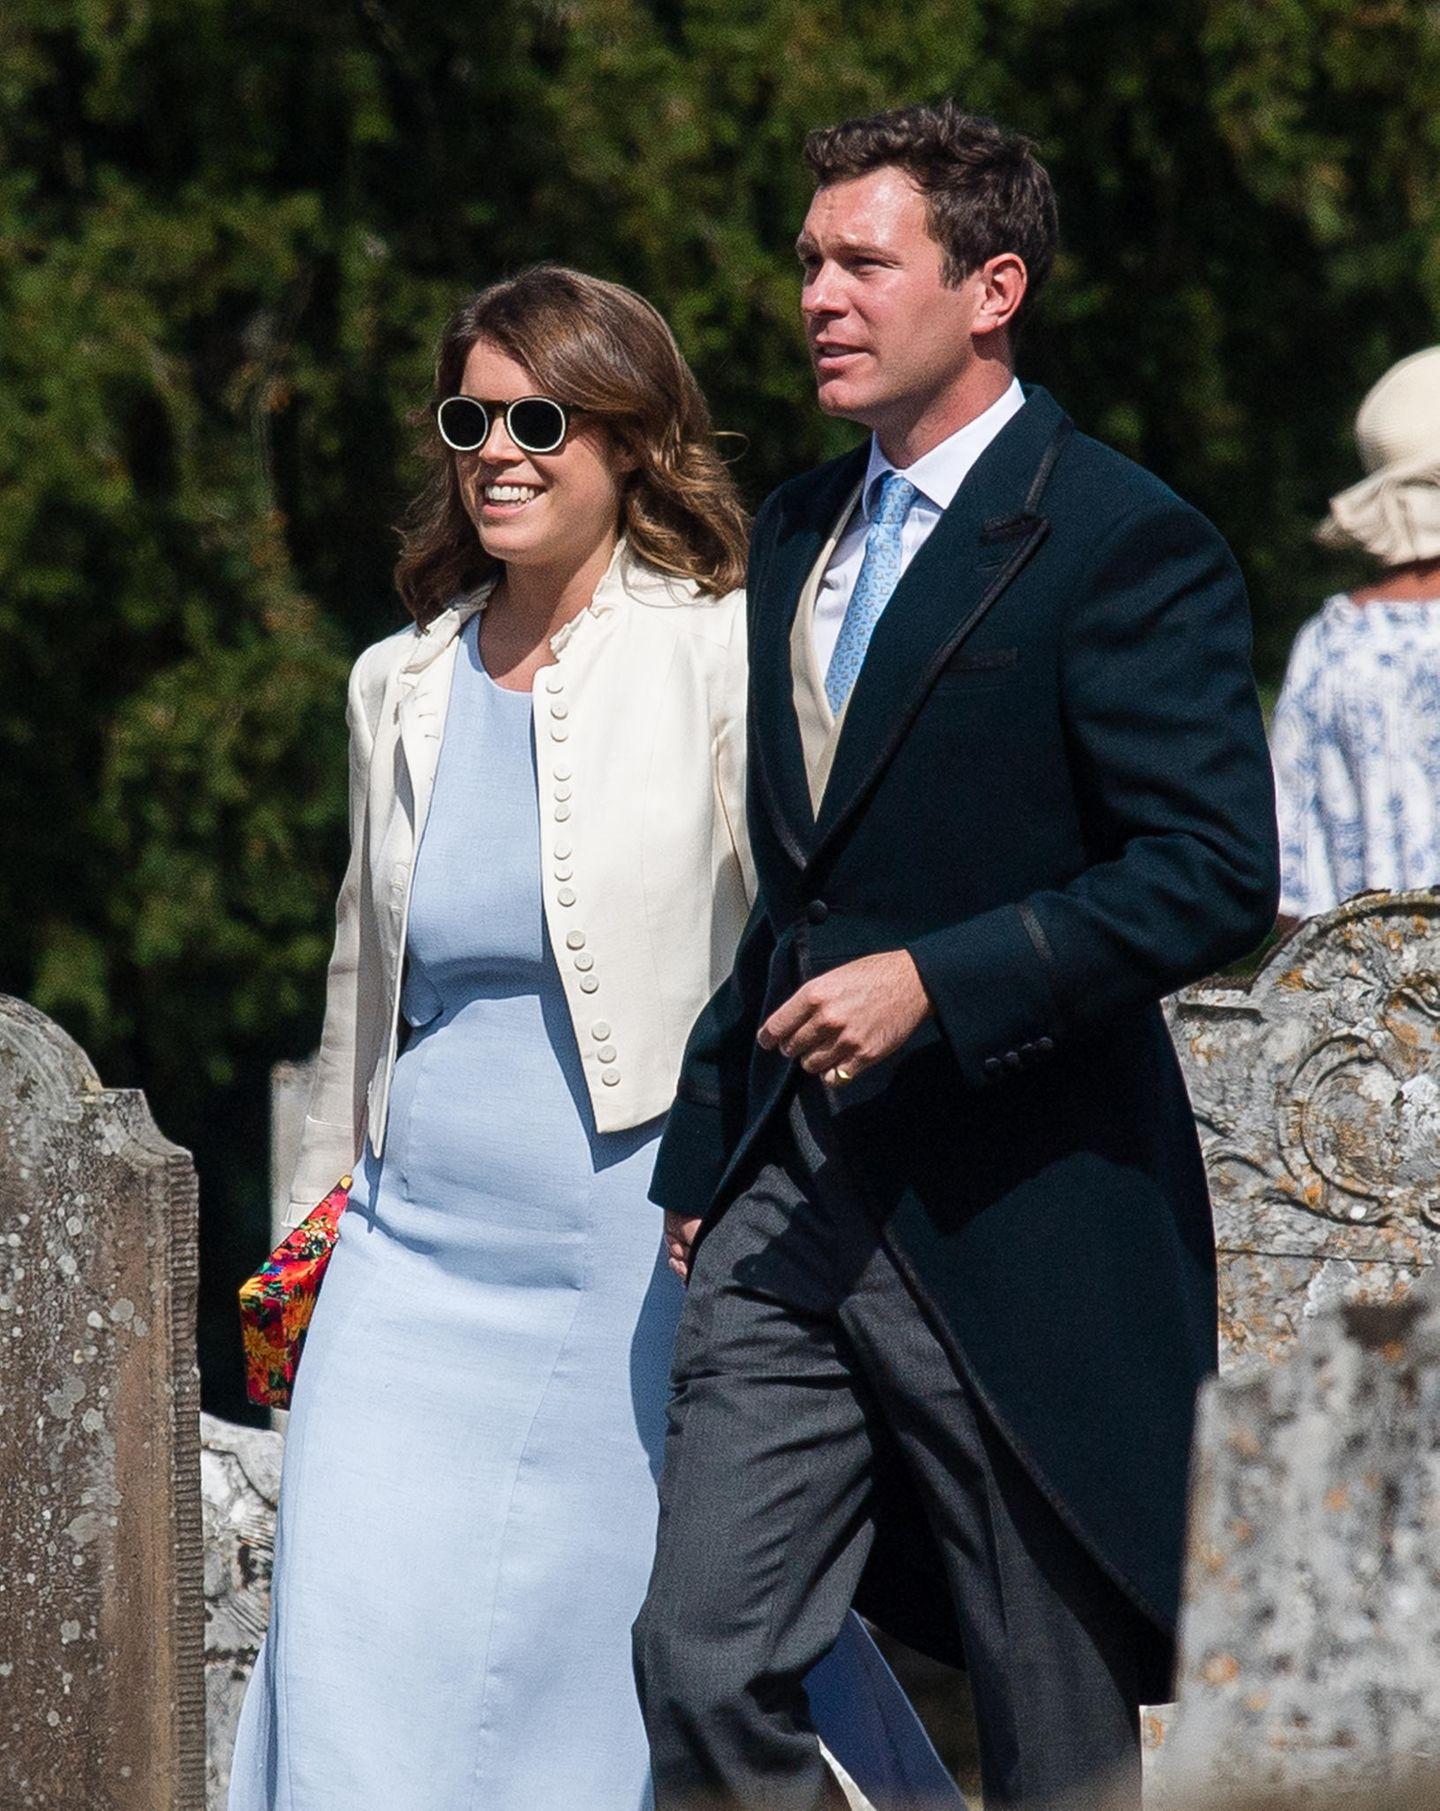 4. August 2018  Hier sind sie noch Hochzeitsgäste: Prinzessin Eugenie und Jack Brooksbank bei derHochzeit von Charlie Van Straubenzee und Daisy Jenks in der St Mary the Virgin Church in Frensham, Surrey.